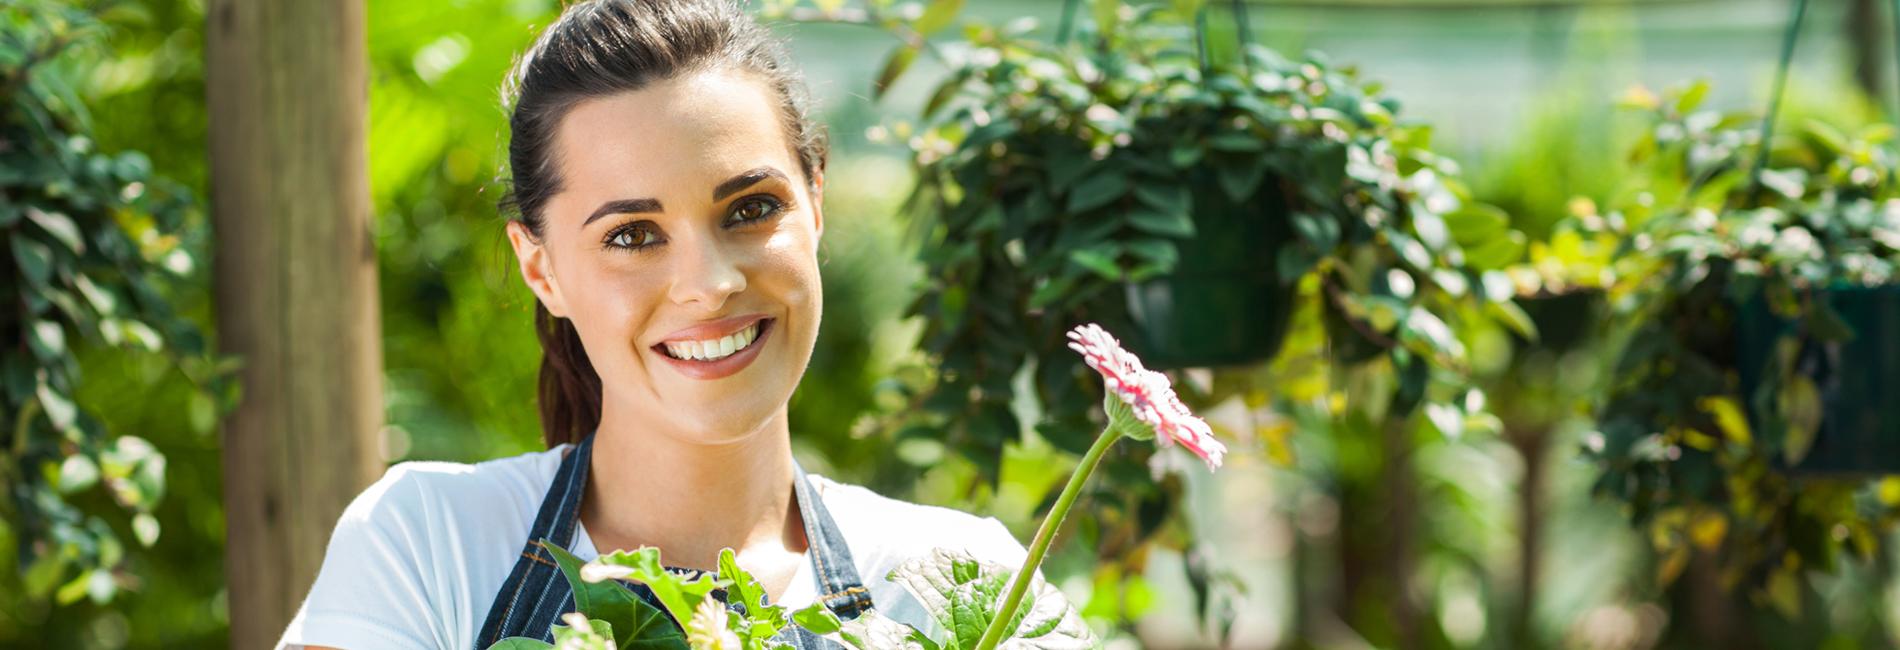 Die Pflanzenschule - Werde Verkaufsprofi